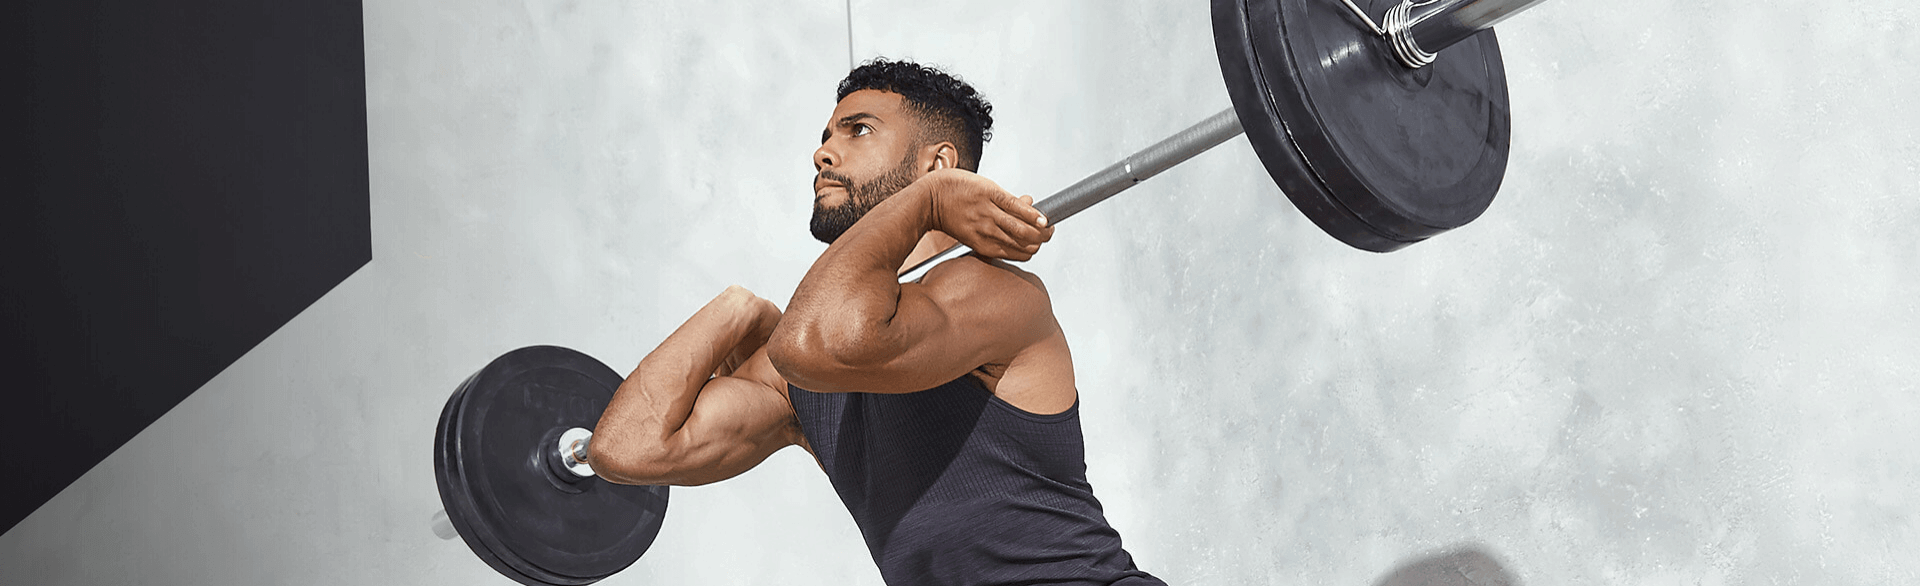 Наращивание мышечной массы и развитие силы